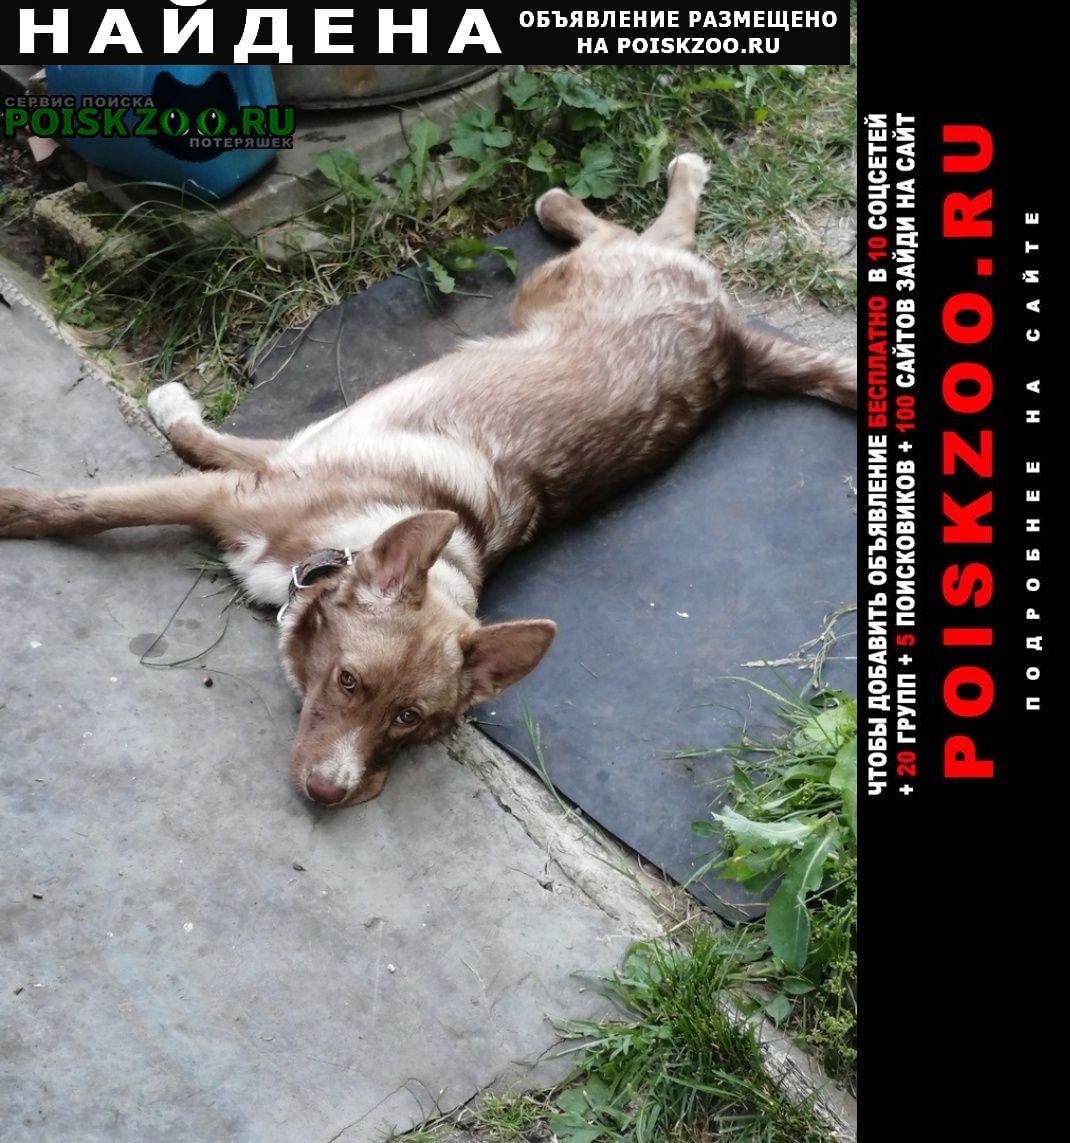 Нижний Новгород Найдена собака кобель